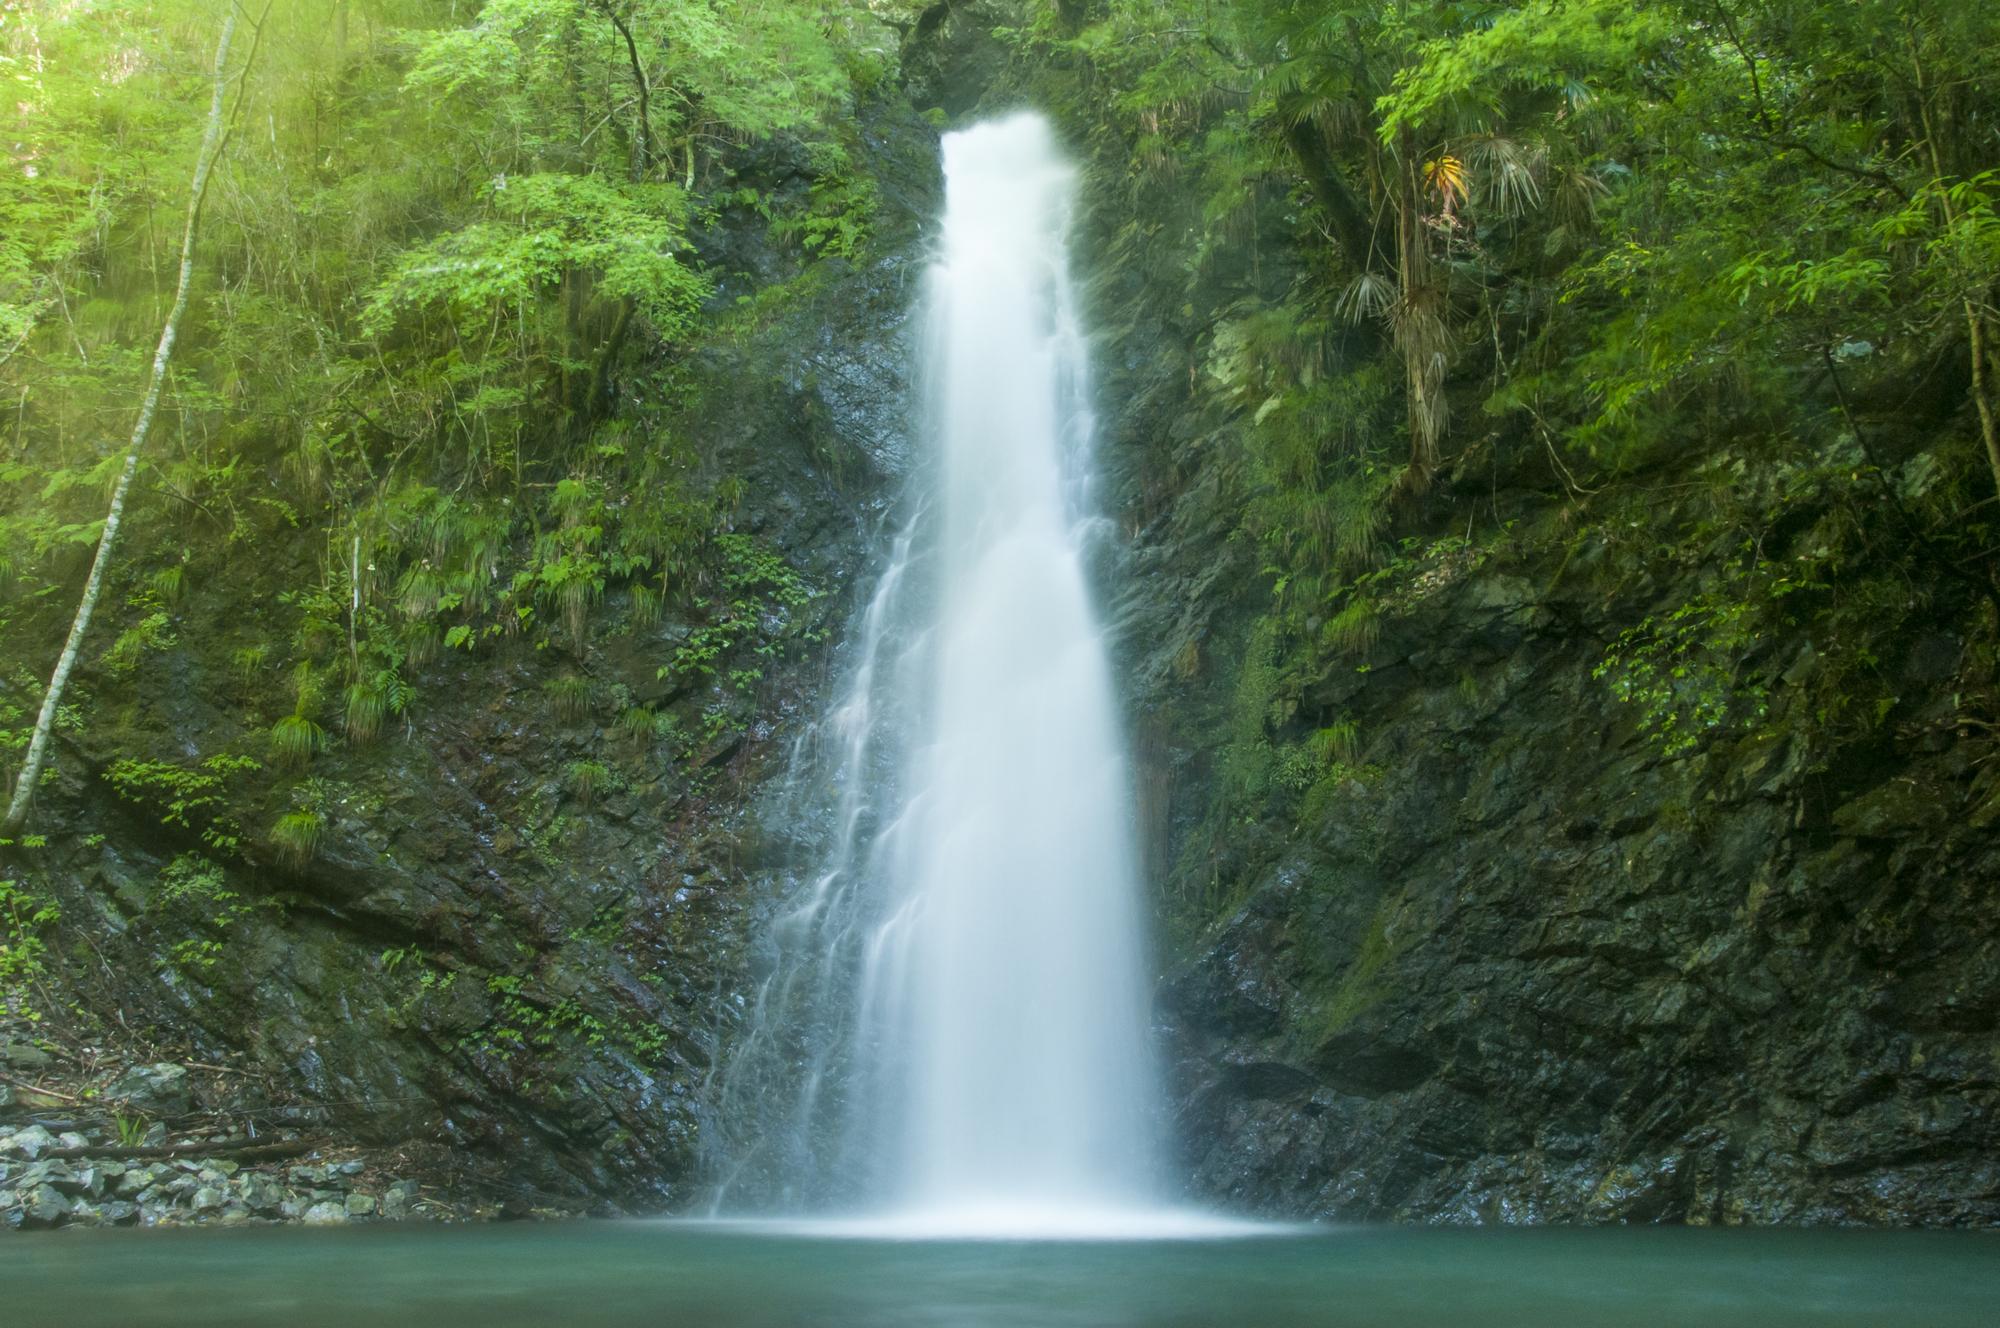 龍王の滝(りゅうおうのたき)